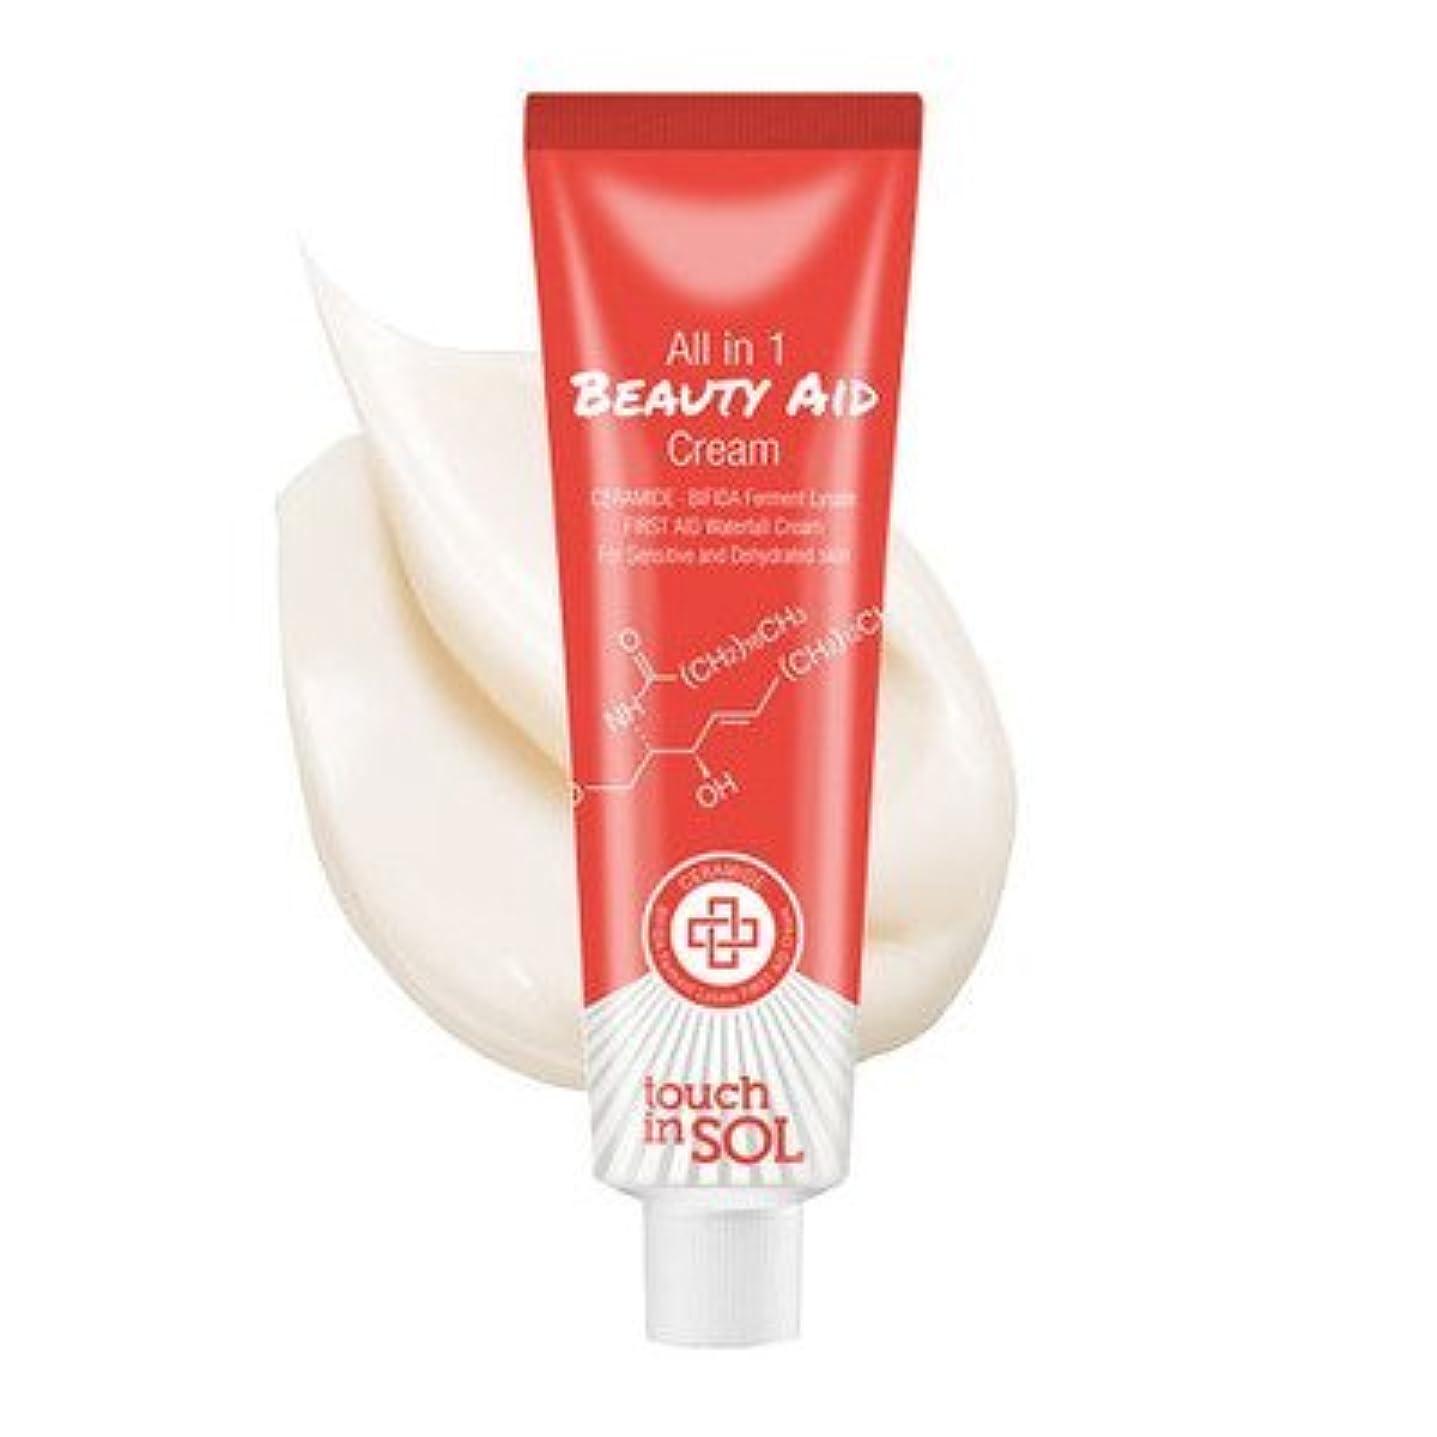 カッター競争到着するTOUCH IN SOL((タッチ イン ソル)オールインワンビューティーエードクリーム/(TOUCH IN SOL)beauty aid cream [並行輸入品]